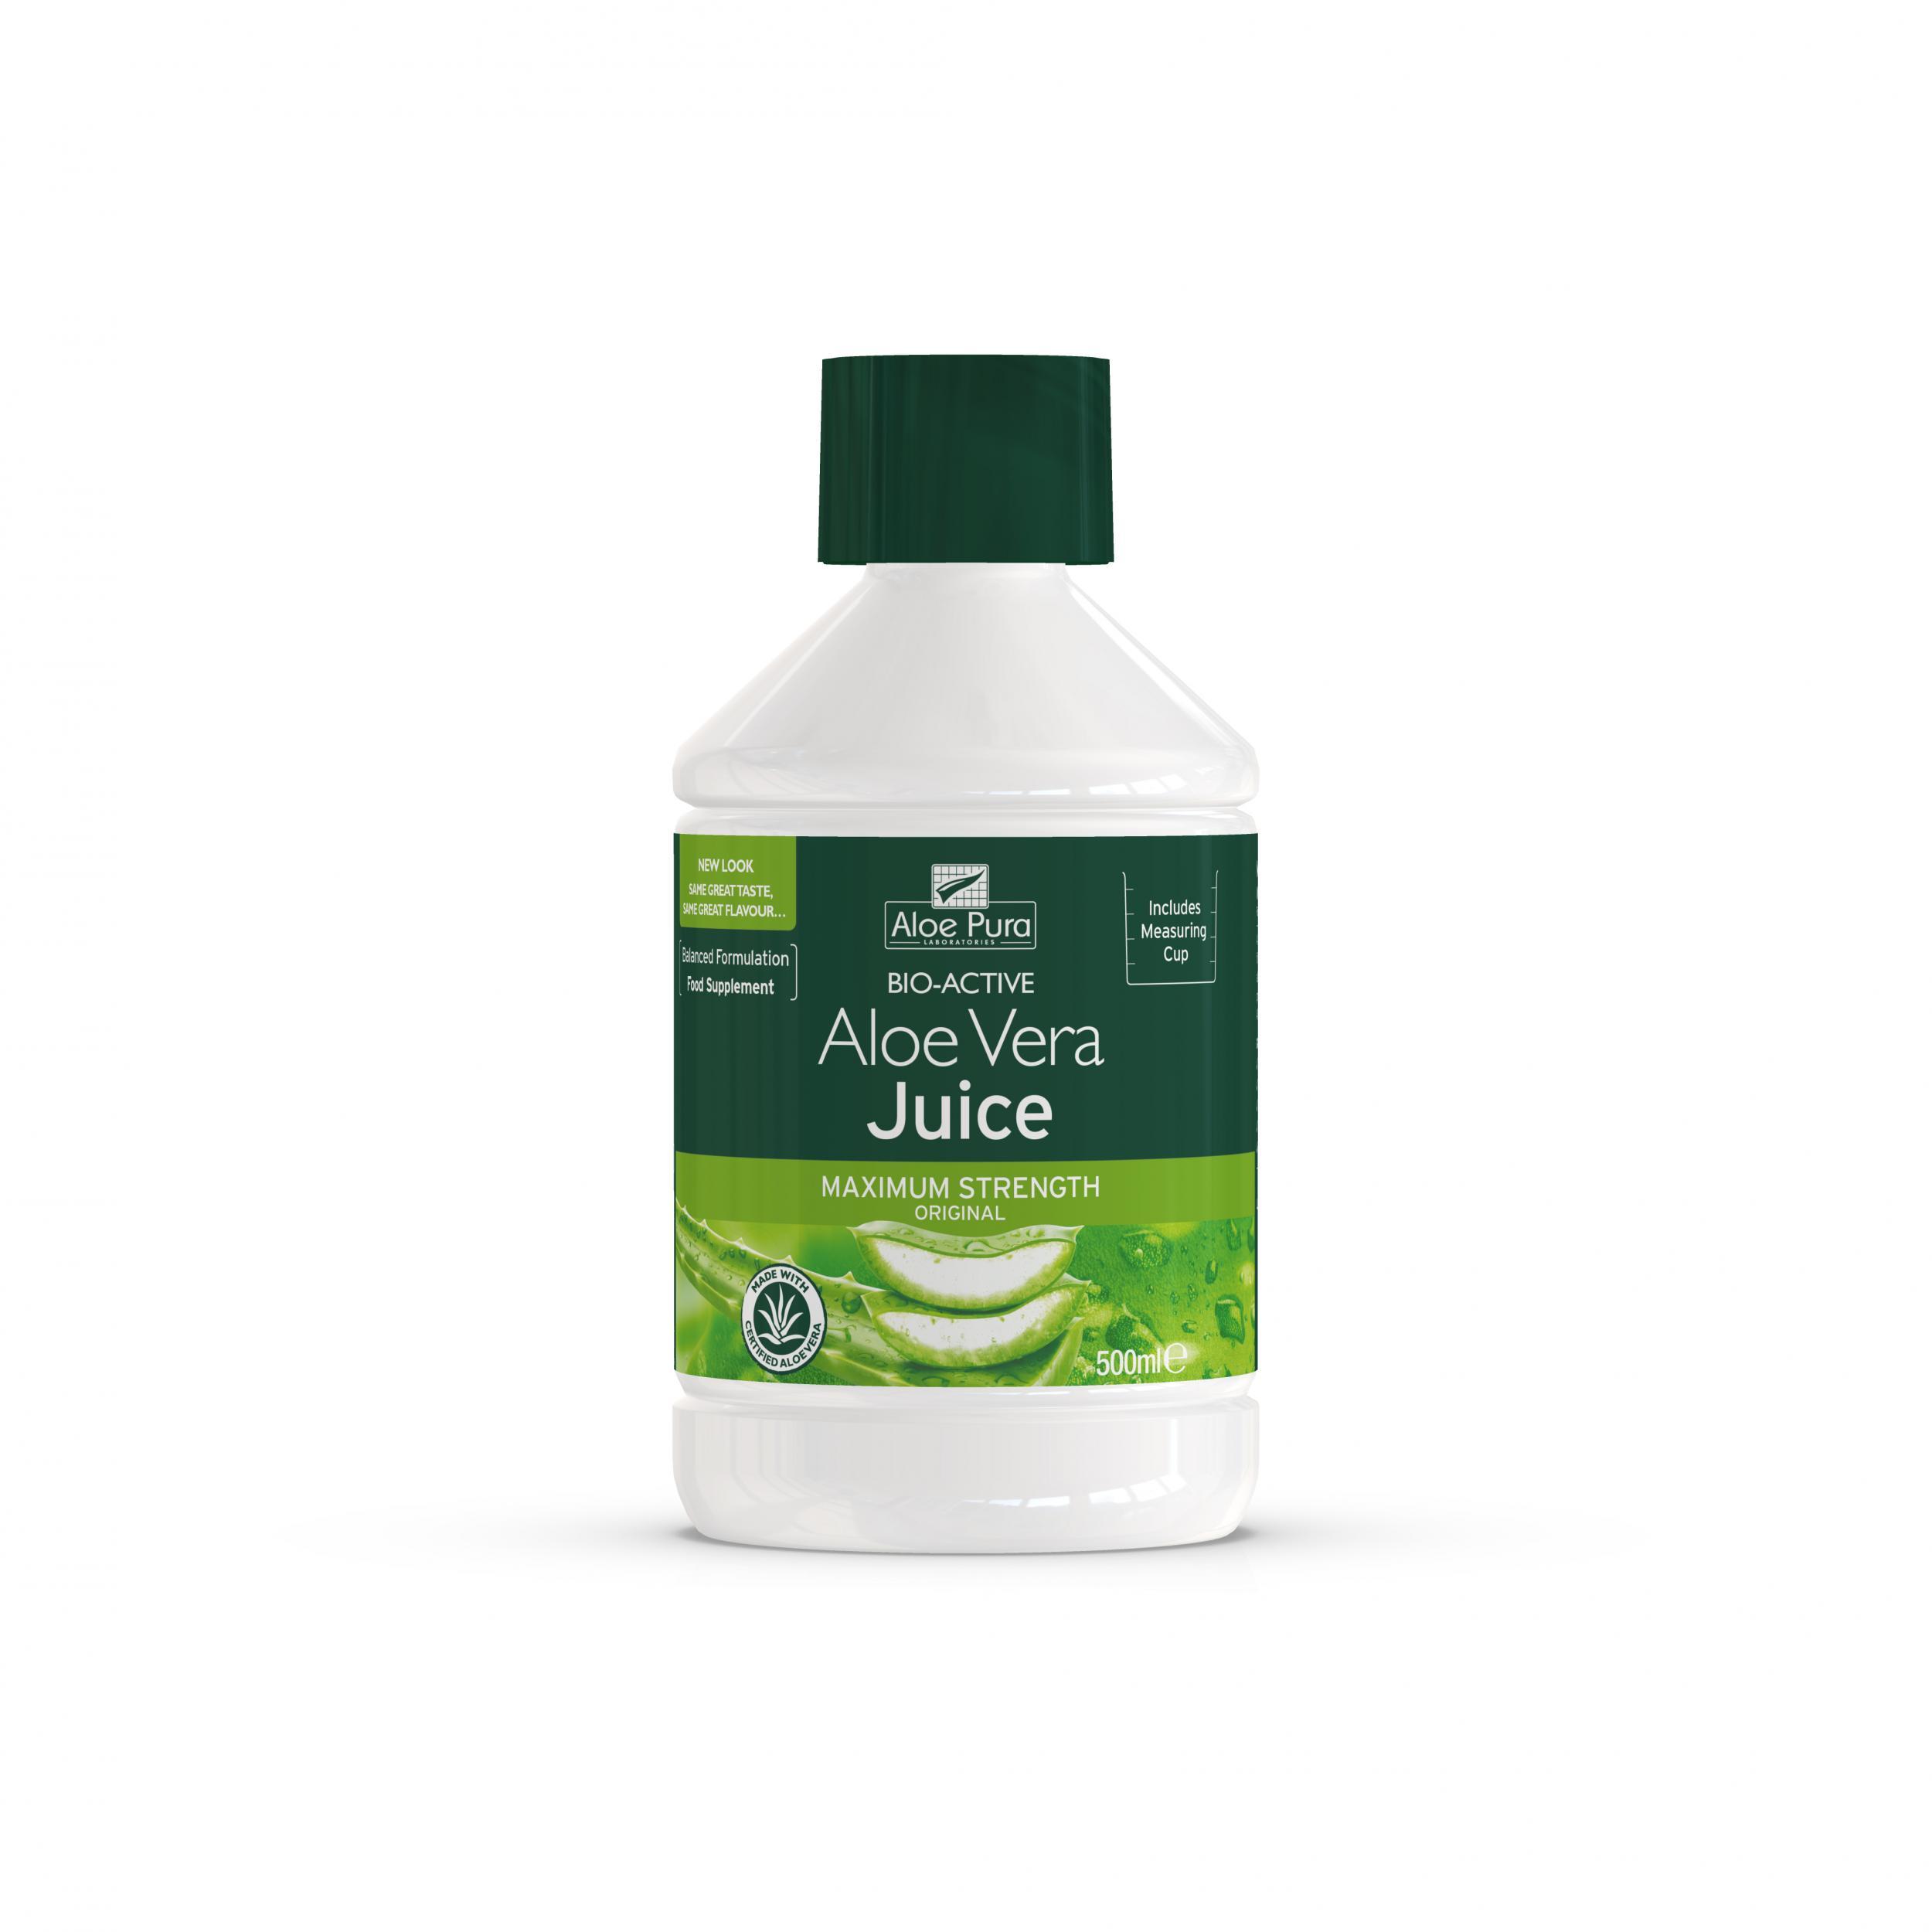 Aloe Vera Juice Maximum Strength Original 500ml